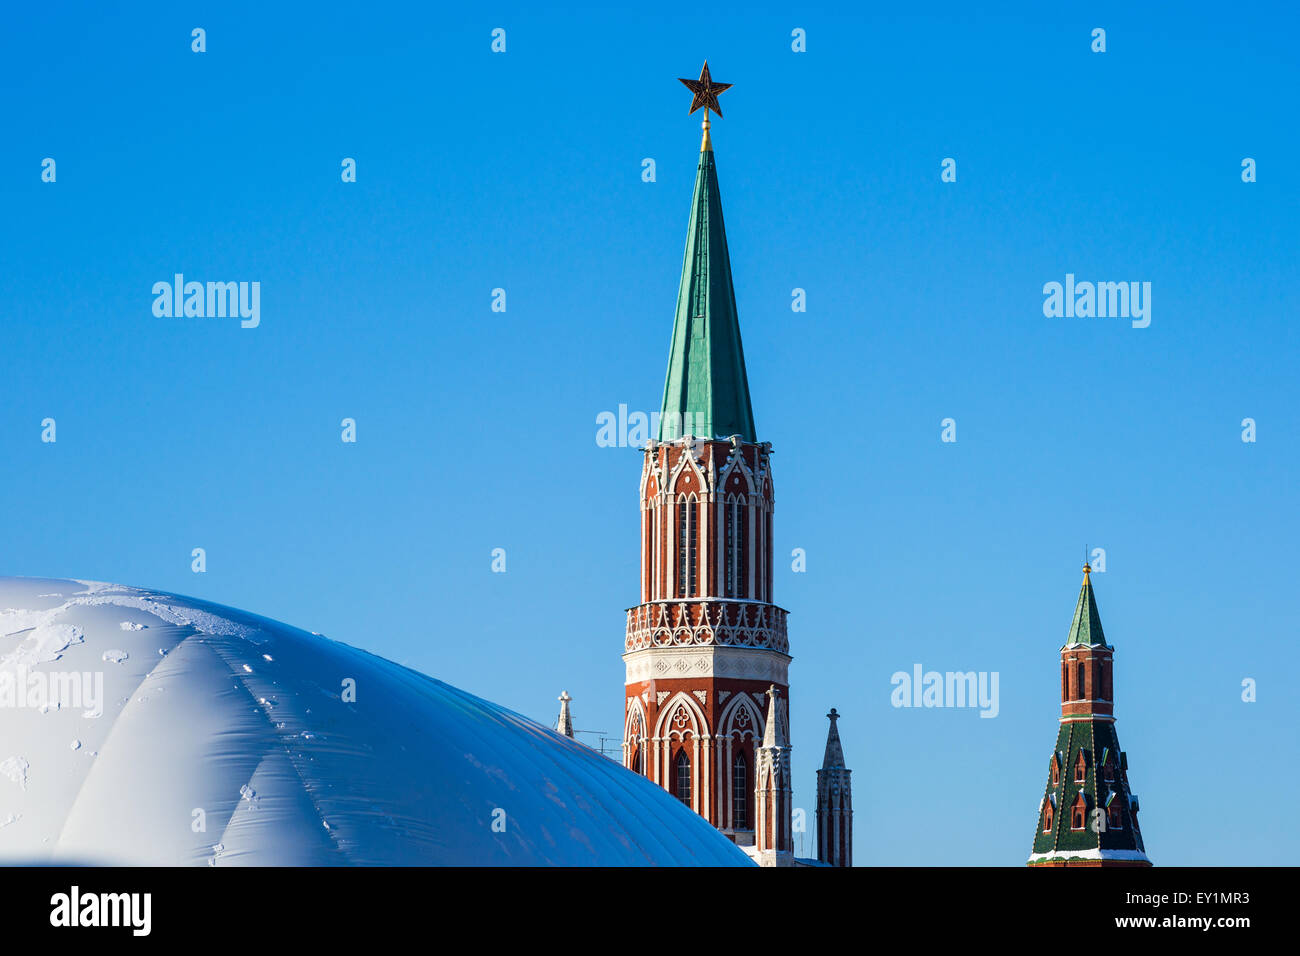 Nikolskaya Turm des Moskauer Kreml und Schutz Abdeckung über Lenin Mausoleum, das im Umbau im Winter 2013 wurde Stockbild